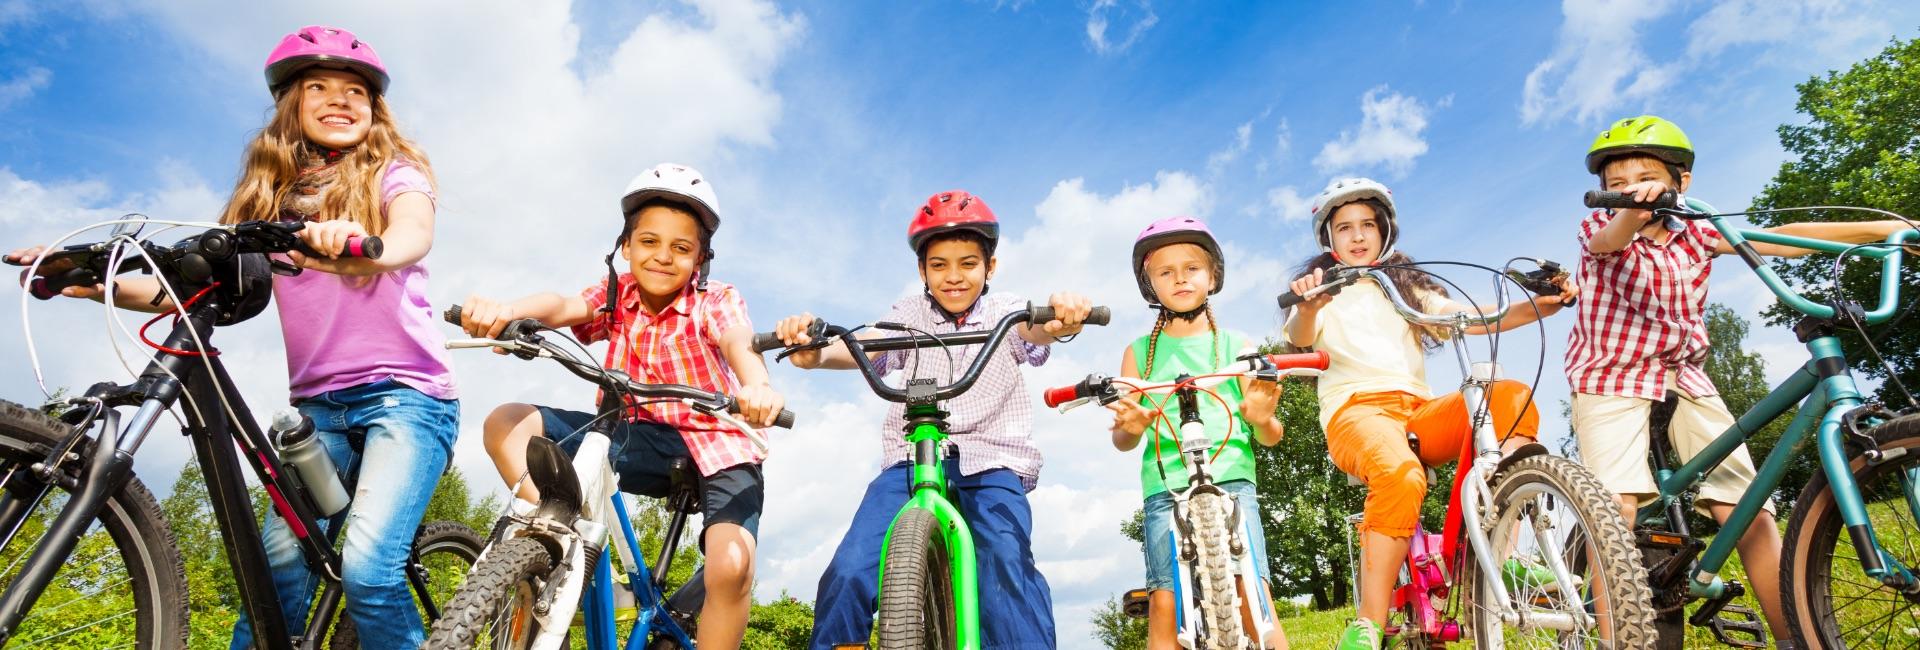 bikes-for-tikes-top